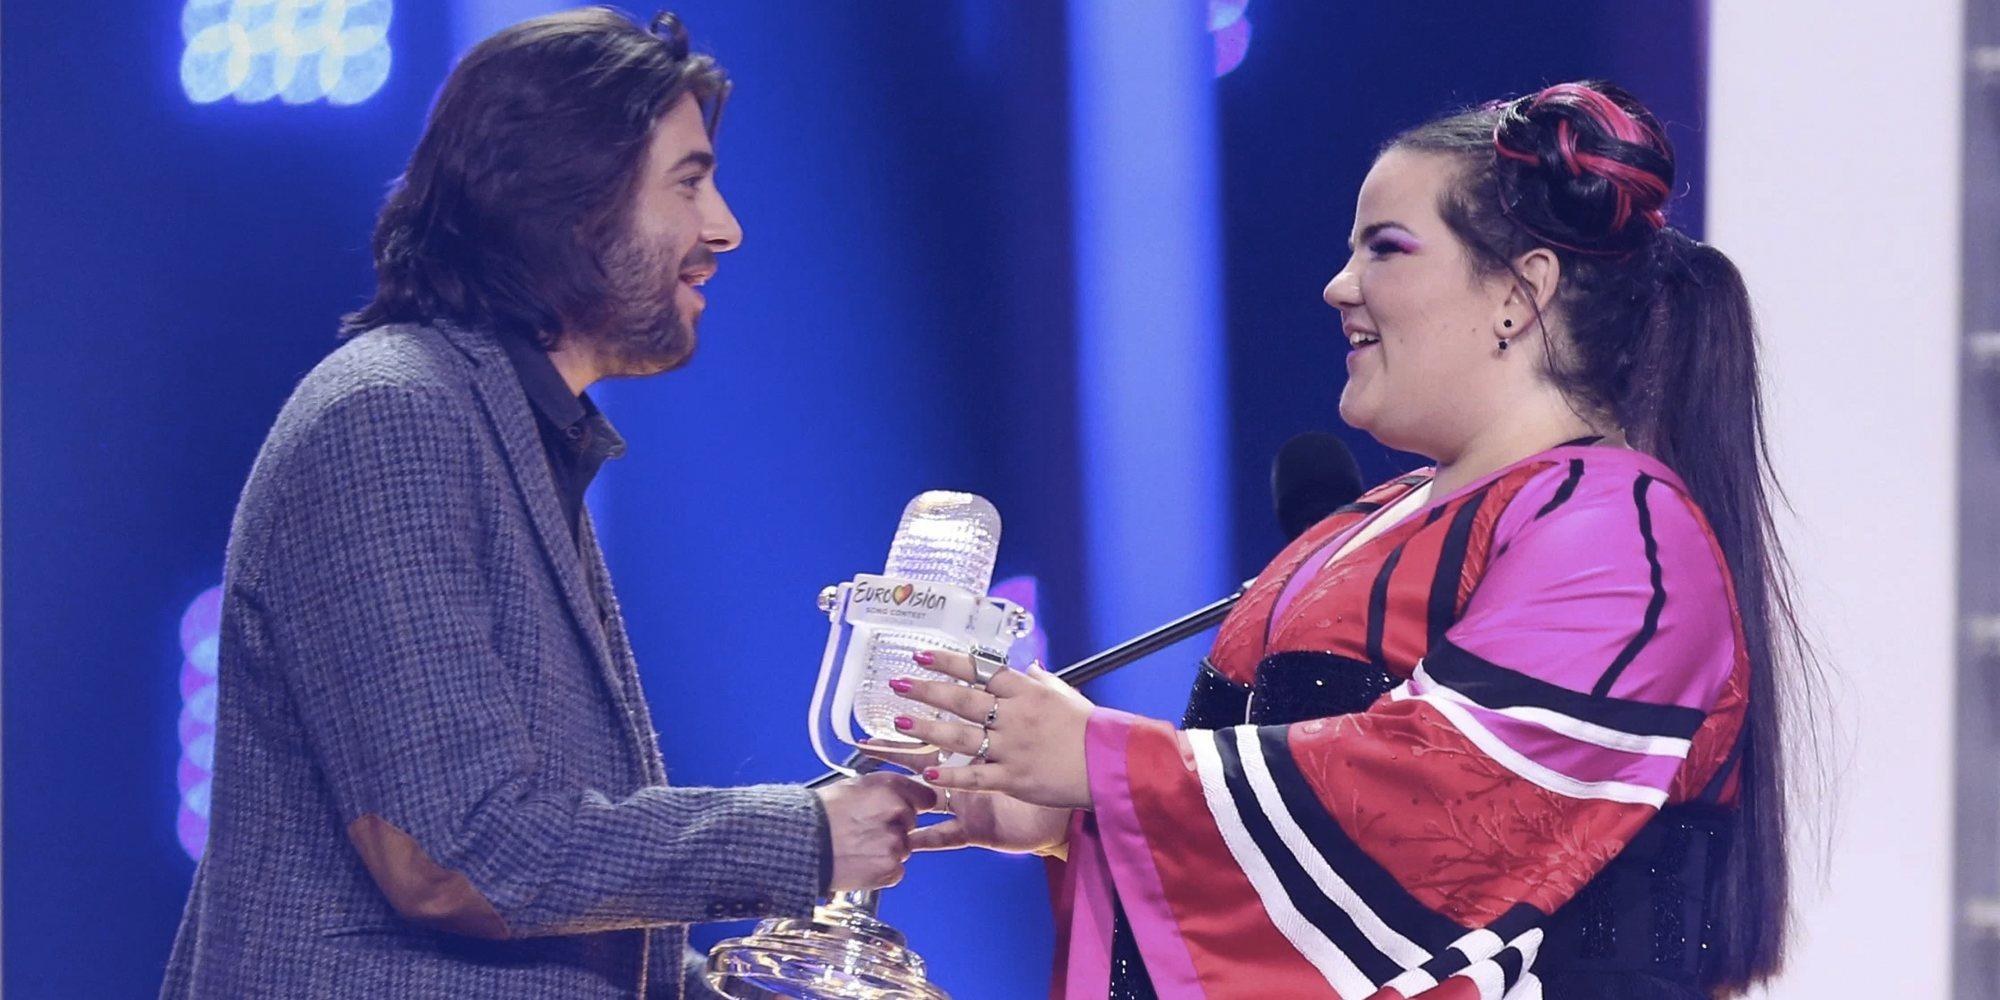 Enemigos Íntimos: Salvador Sobral y Netta, los dos ganadores de Eurovisión enfrentados por su estilo musical